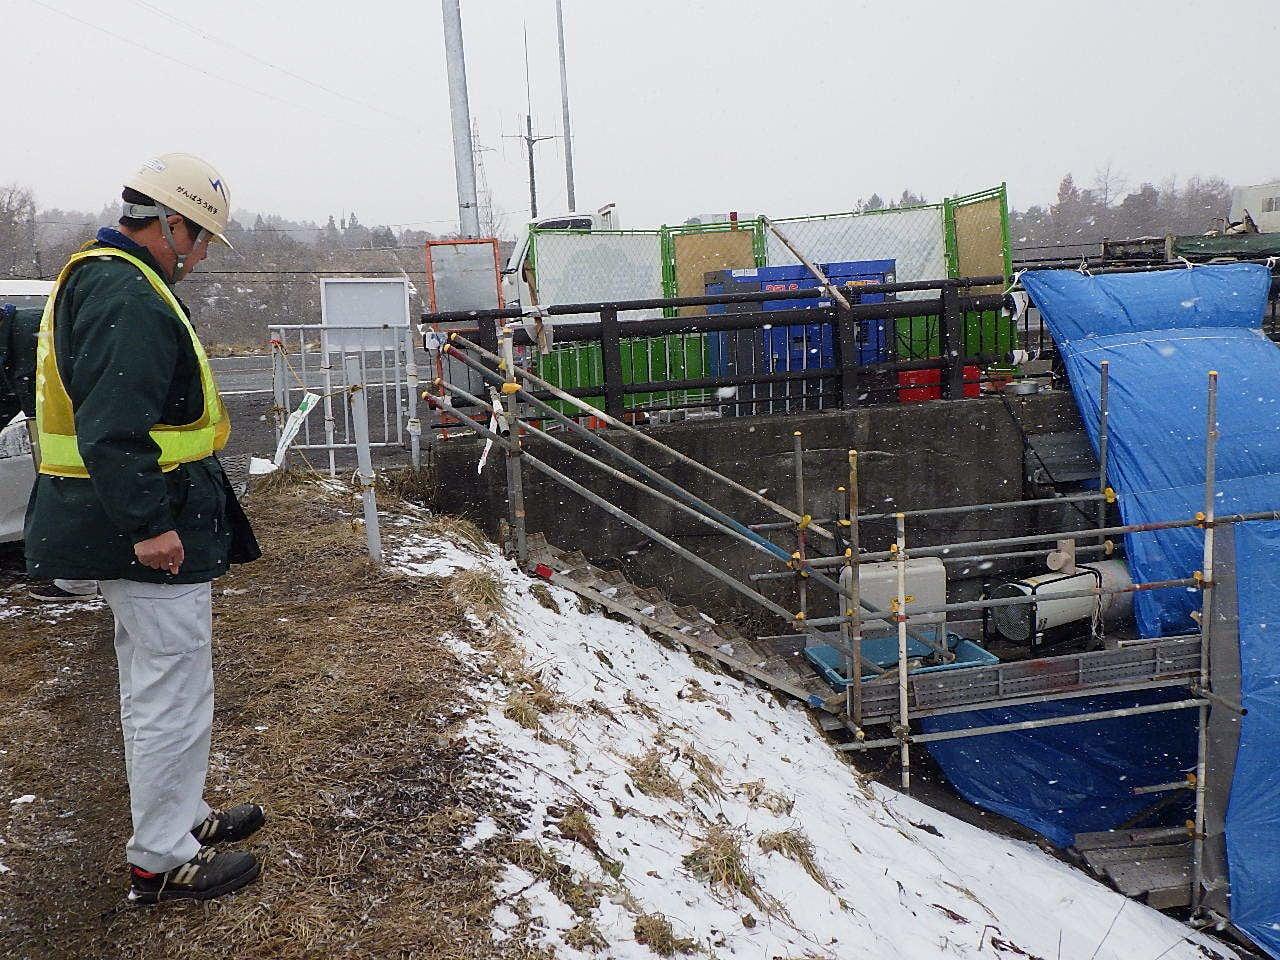 維持補修工事 前沢白鳥橋橋台補強 作業状況確認